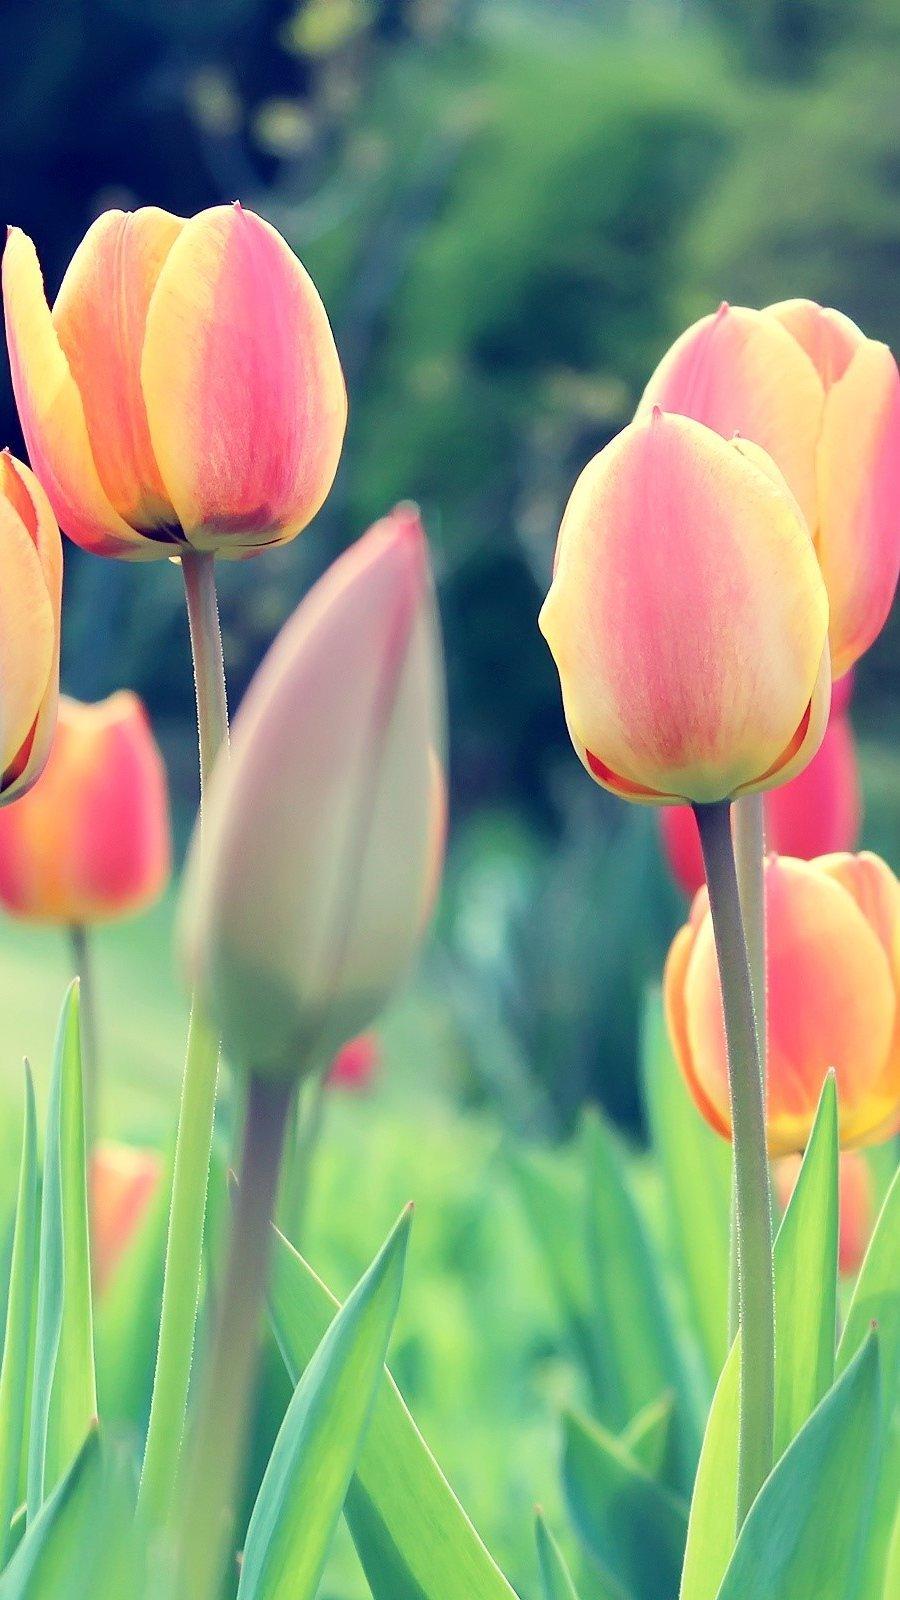 Wallpaper Tulips Vertical